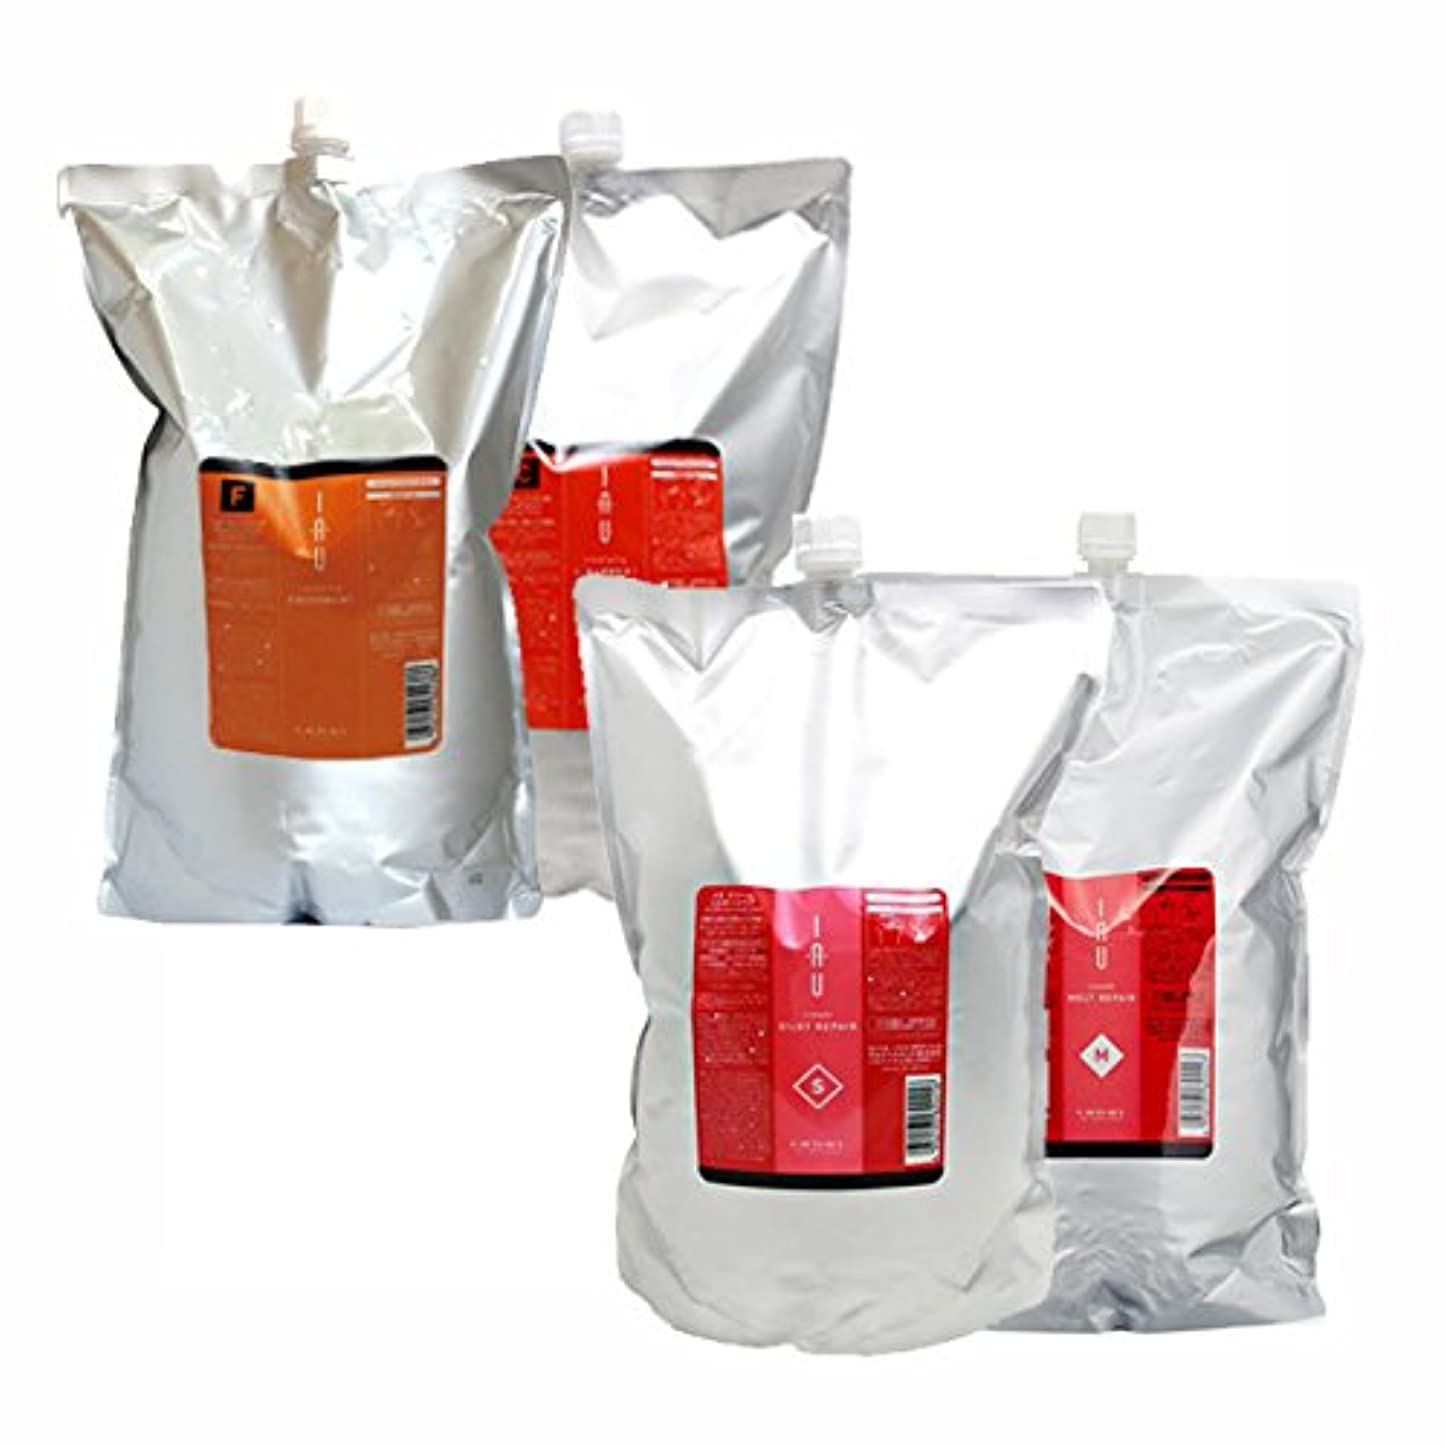 夜酸っぱい石鹸ルベル イオ クレンジング ( フレッシュメント & クリアメント ) + クリーム ( シルキーリペア & メルトリペア ) 詰め替え2500mLサイズ 4点セット